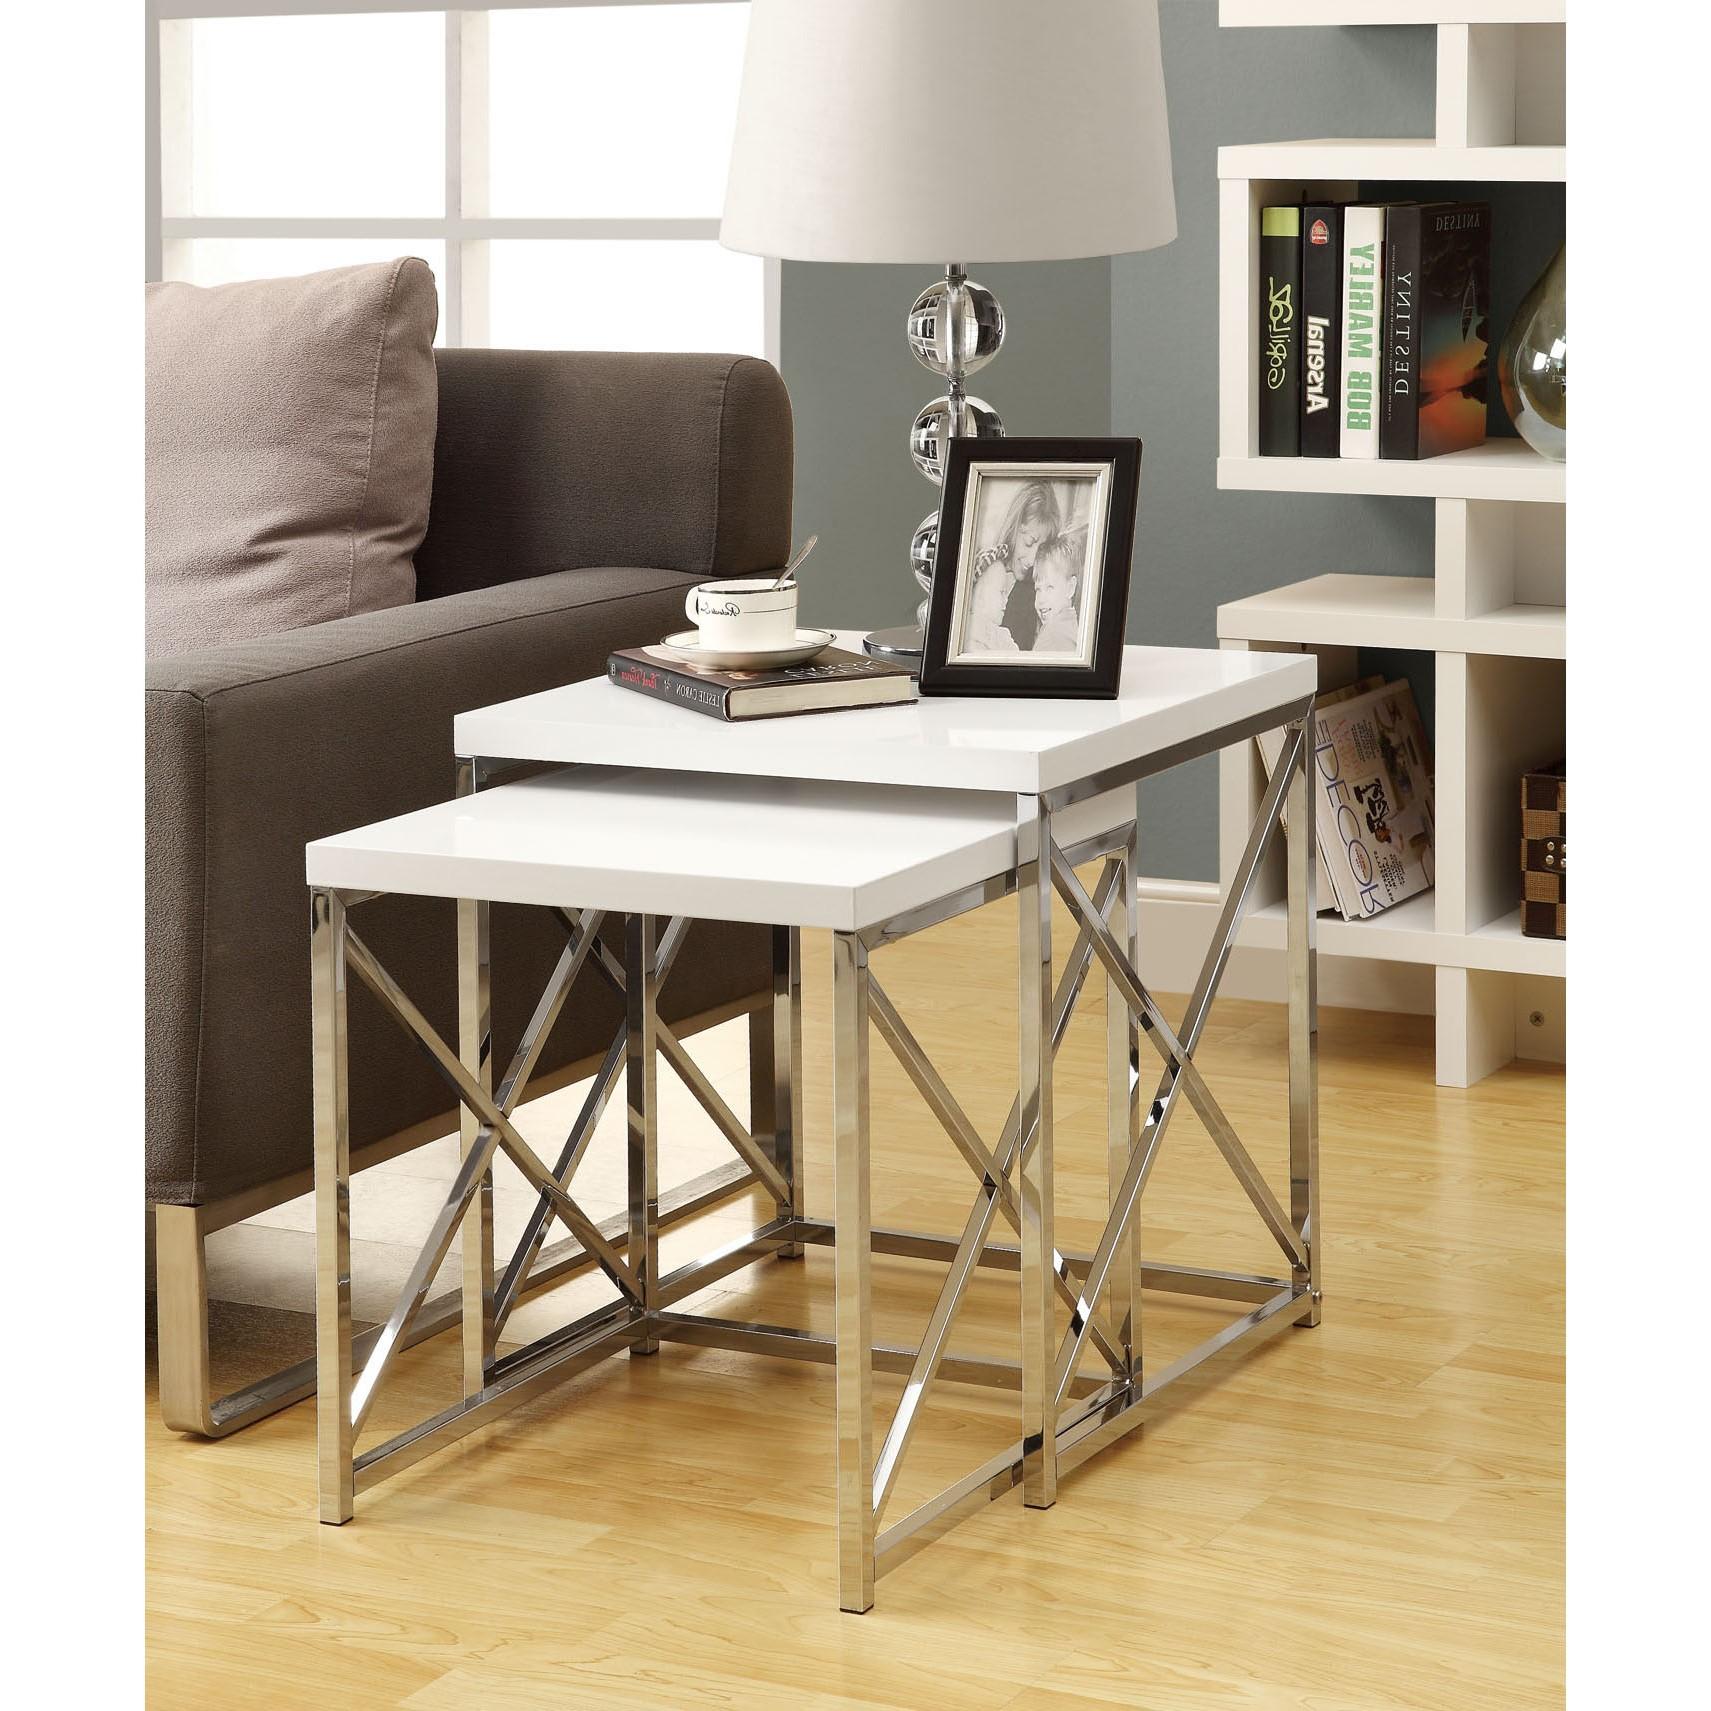 Utilisez la table gigogne de manière créative pour ajouter un style unique à votre intérieur